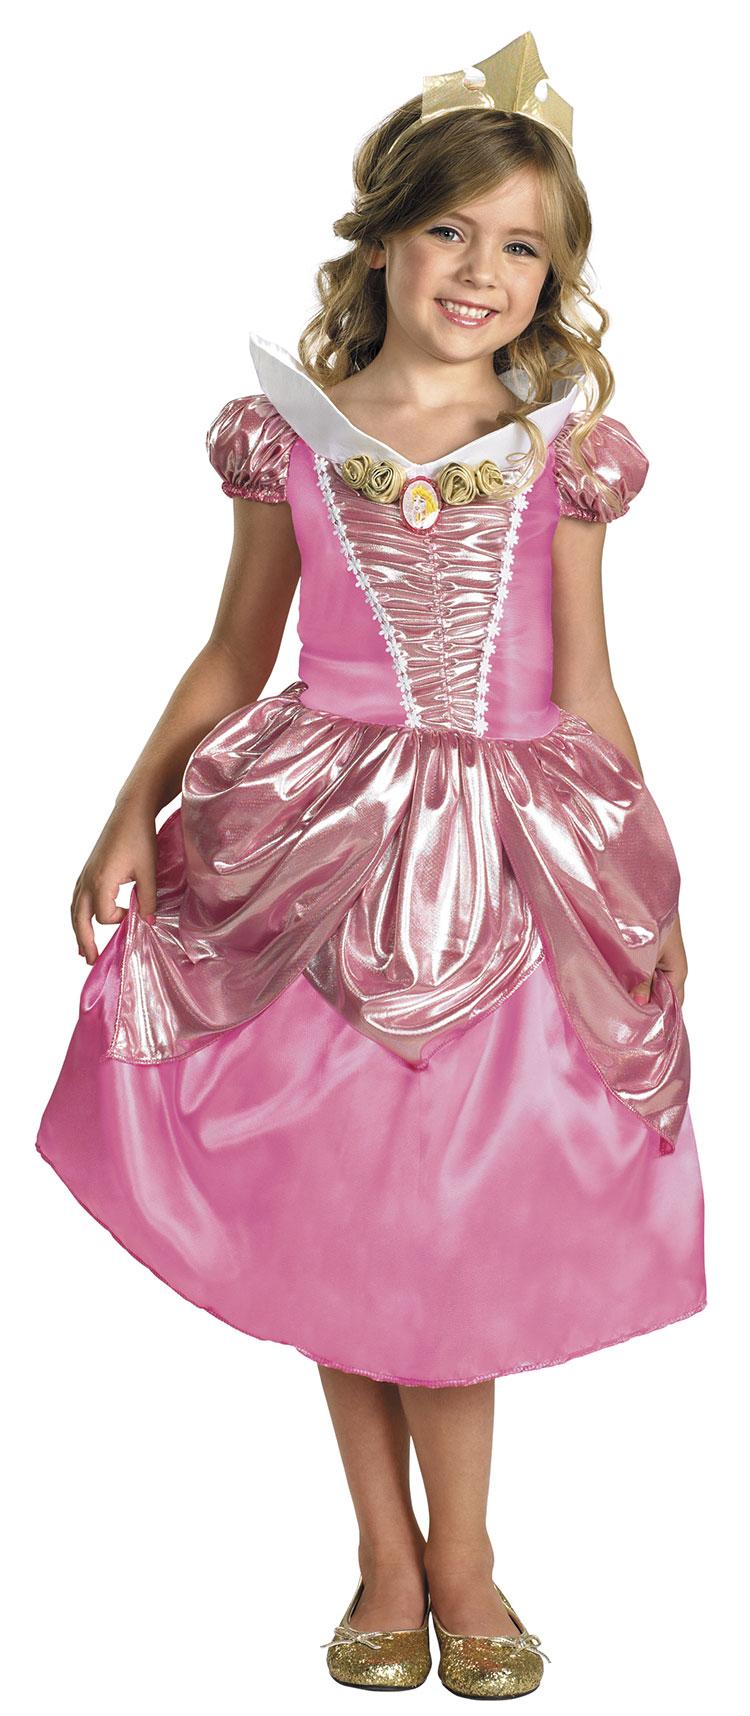 Girls Deluxe Shimmer Aurora Costume  sc 1 st  Costumes Life & Infant Toddler Costumes : Costumes Life - Page 80